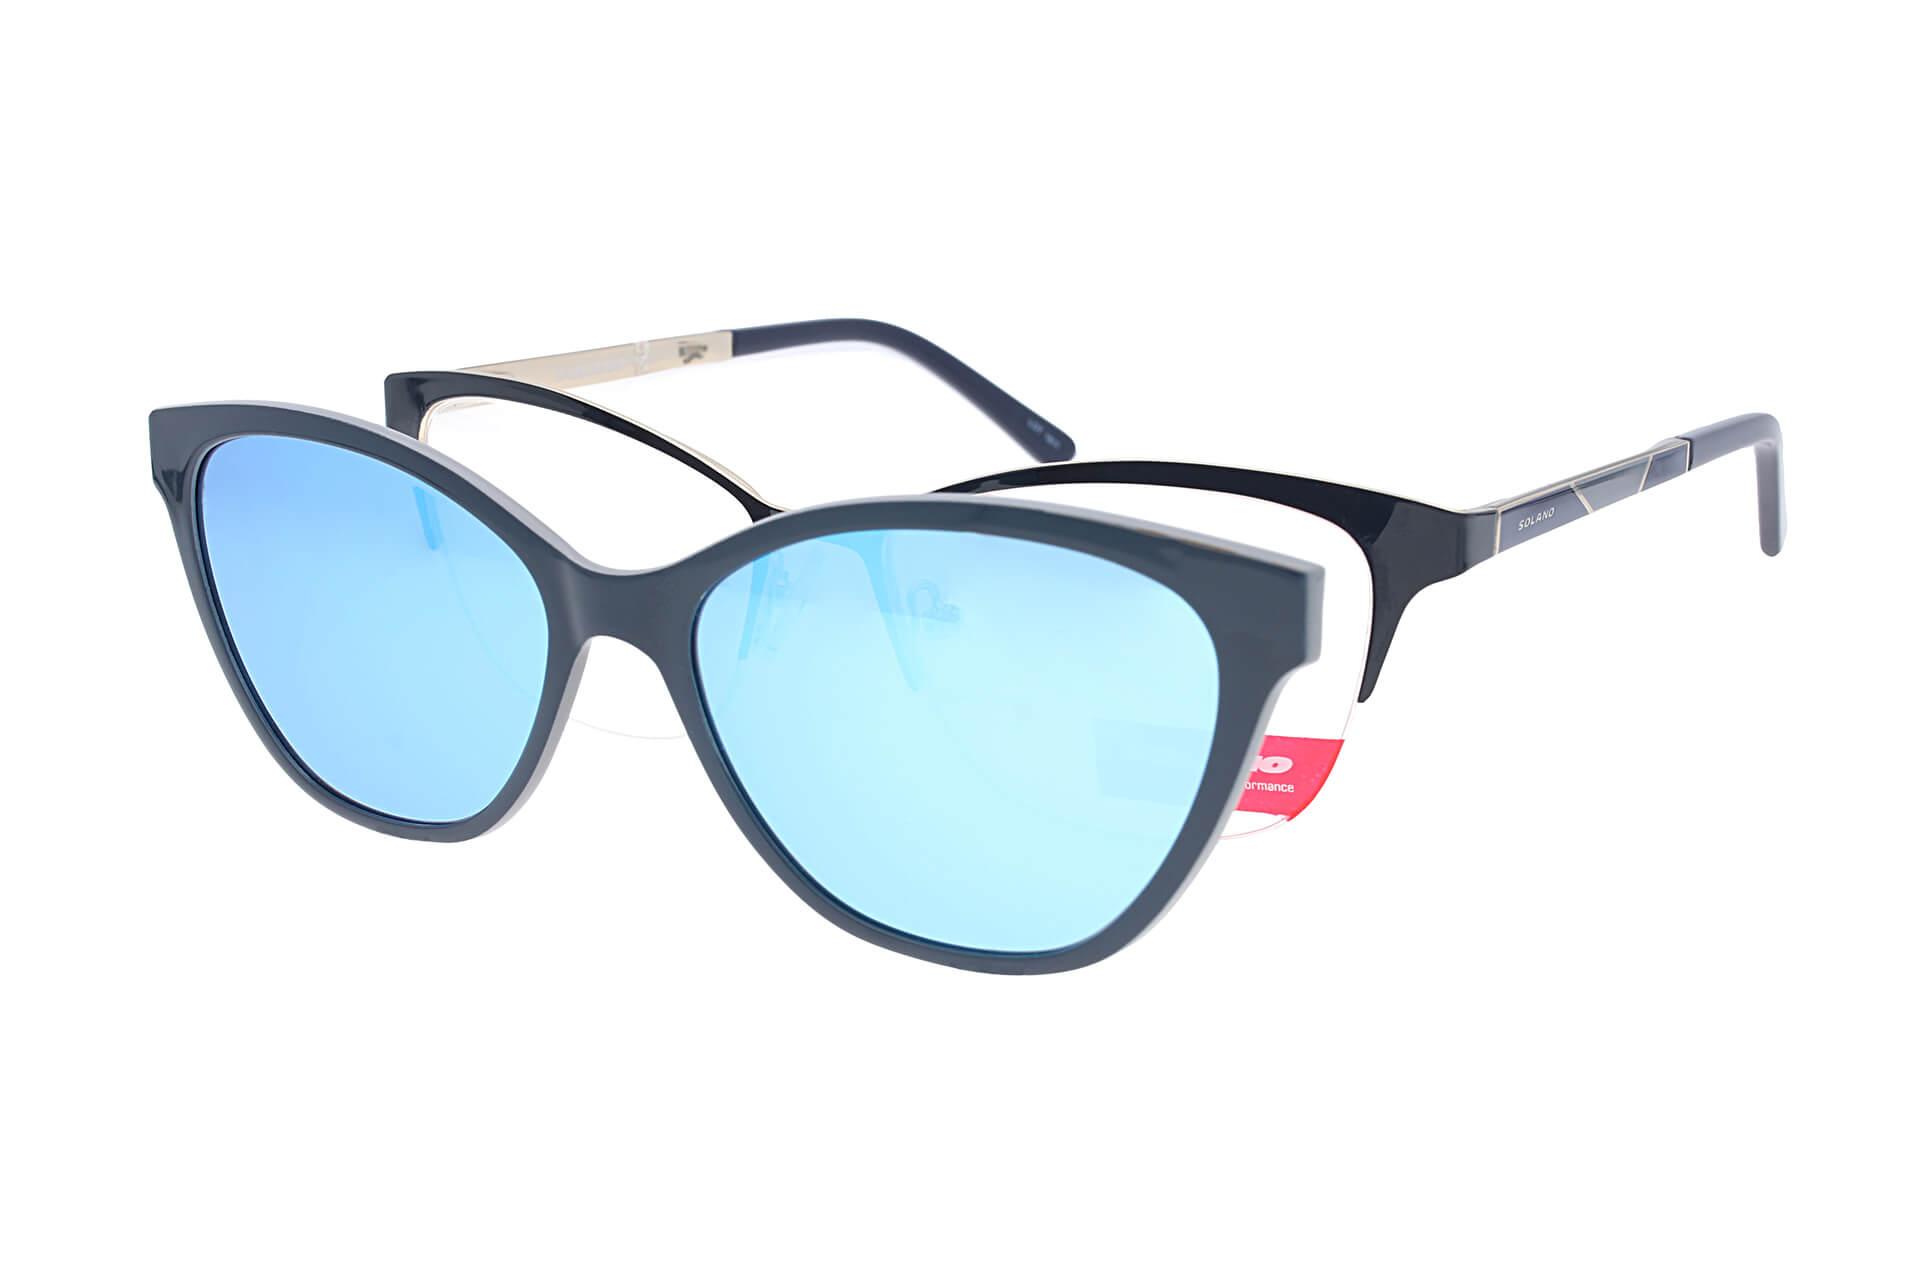 8dc5dc1815cedc SOLANO ☼ Magnet Sonnenclip Brillen ☼ Online kaufen